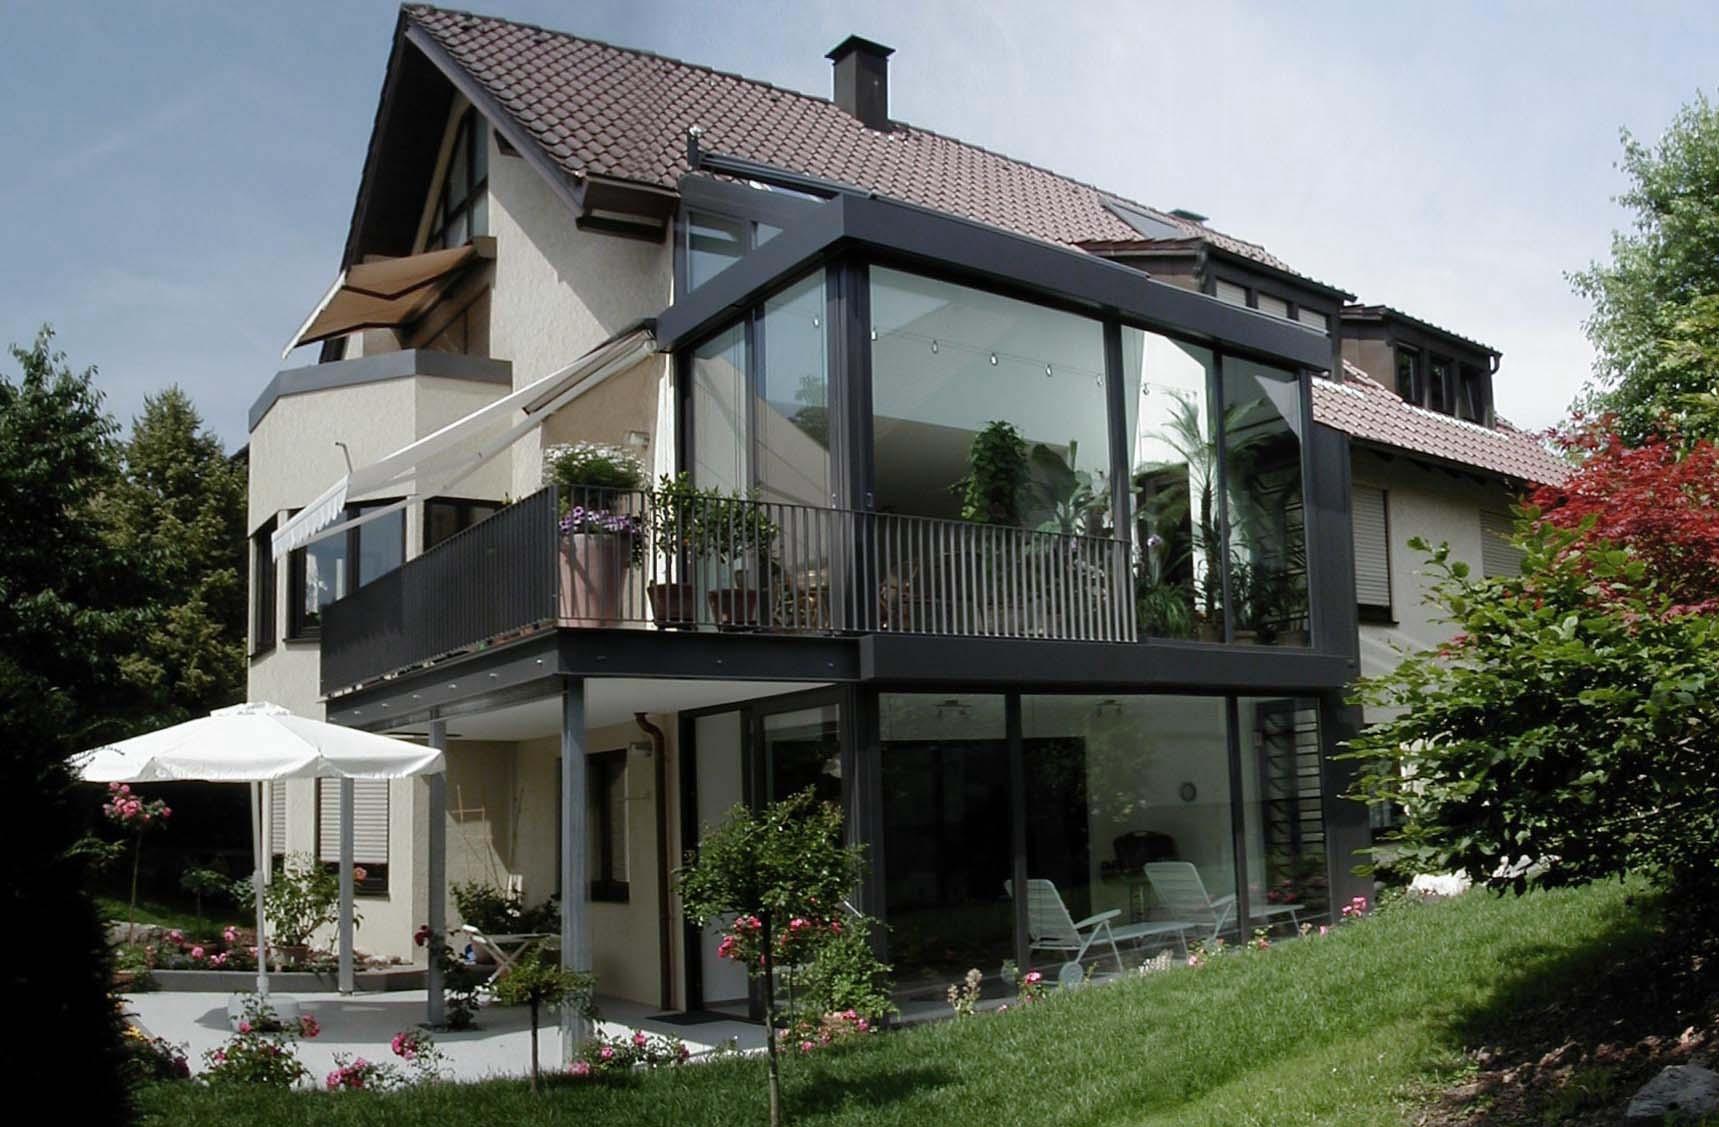 drei generationen haus wohnungsbau mader architekten stuttgart. Black Bedroom Furniture Sets. Home Design Ideas